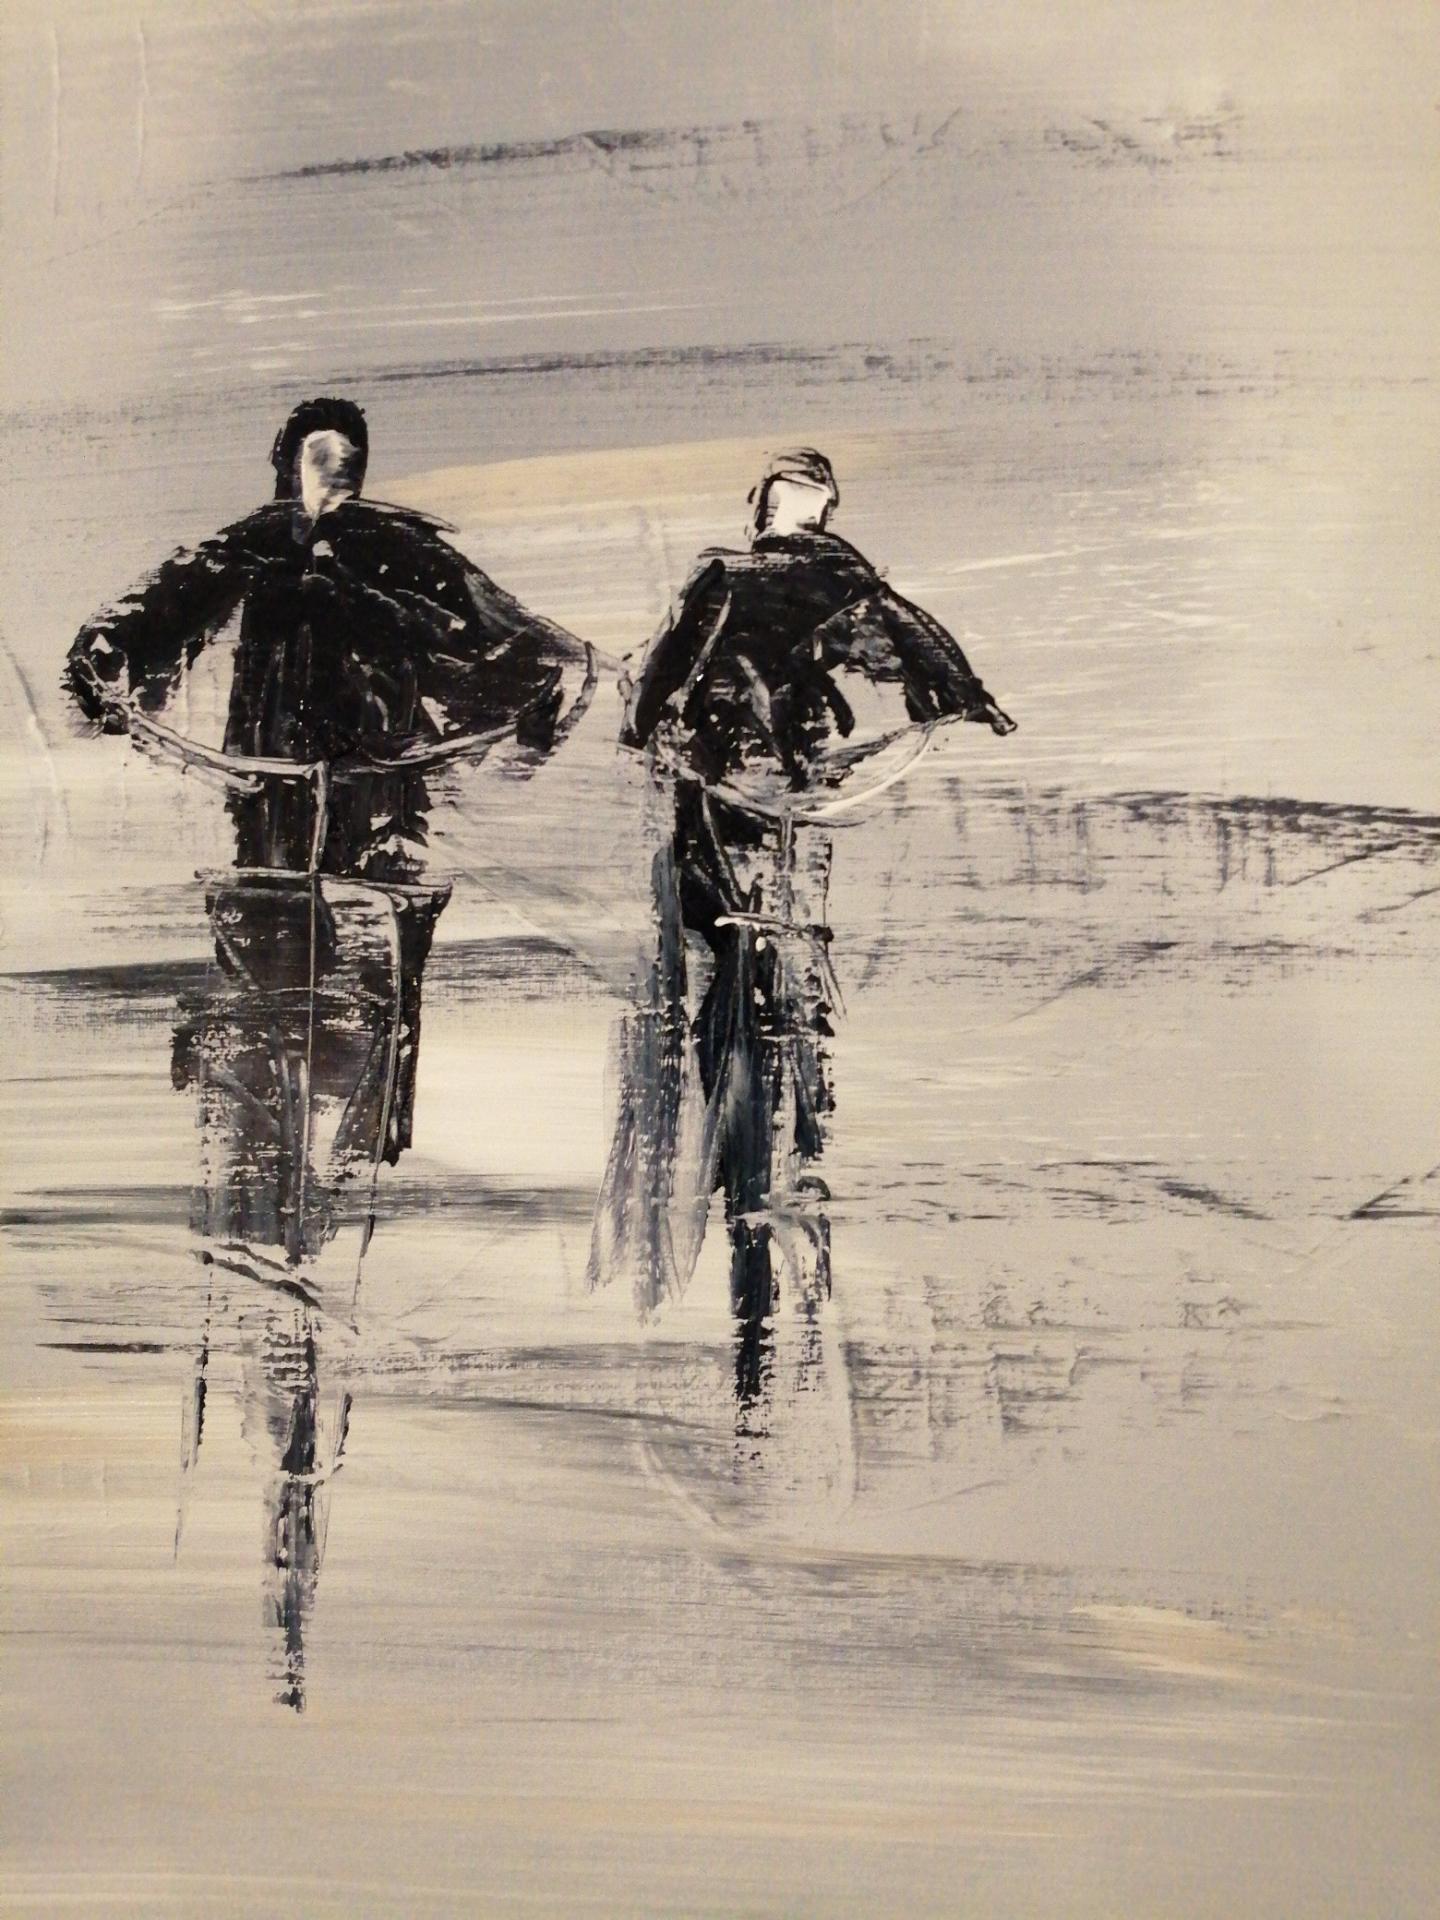 deux cyclistes sur la plage